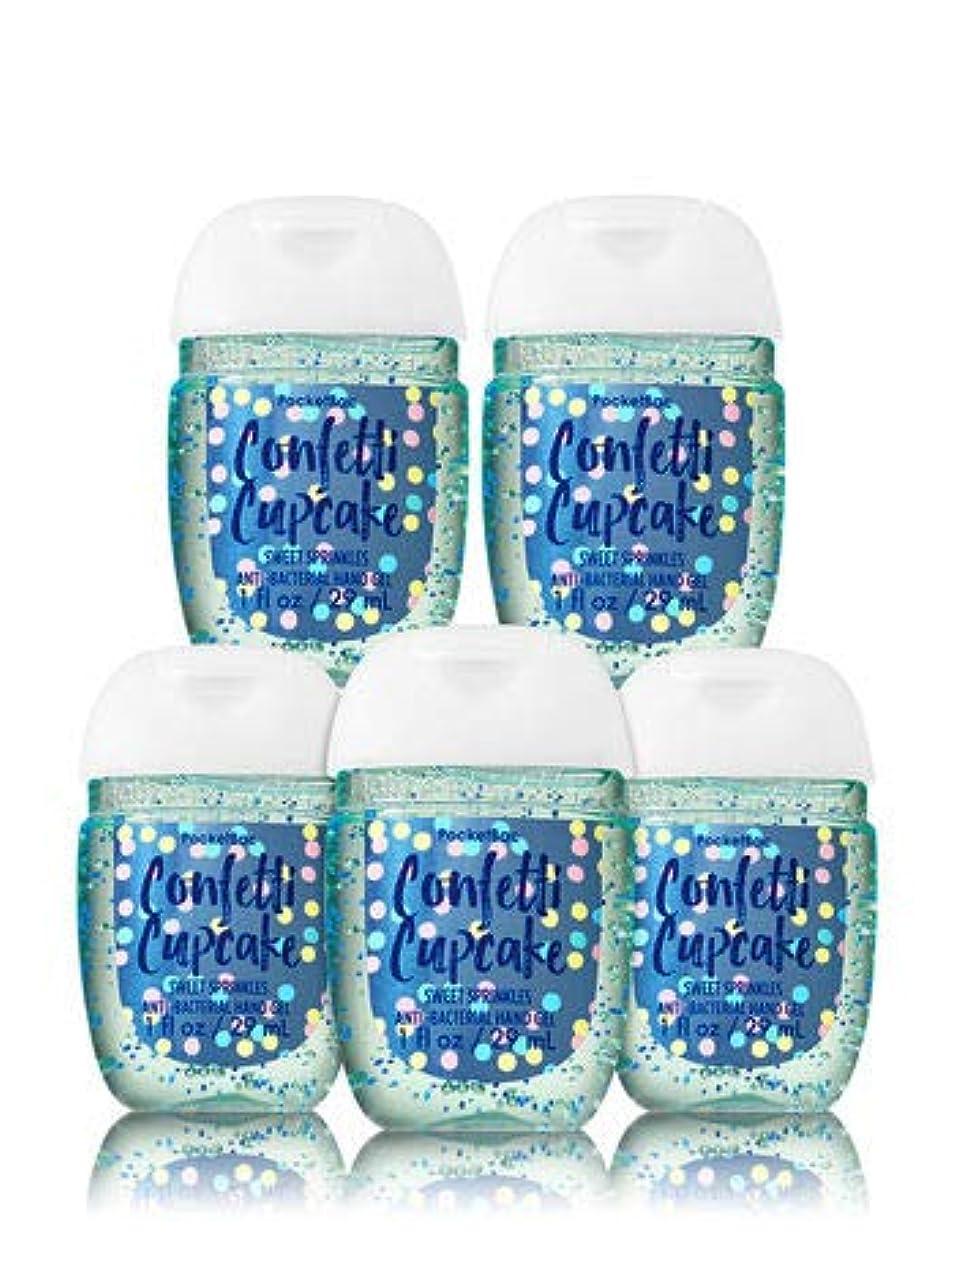 首尾一貫した回転する勝つ【Bath&Body Works/バス&ボディワークス】 抗菌ハンドジェル 5個セット Sweet Sprinkles シュガー キャンディストロベリー バニラビーン PocketBac Hand Sanitizer Bundle...